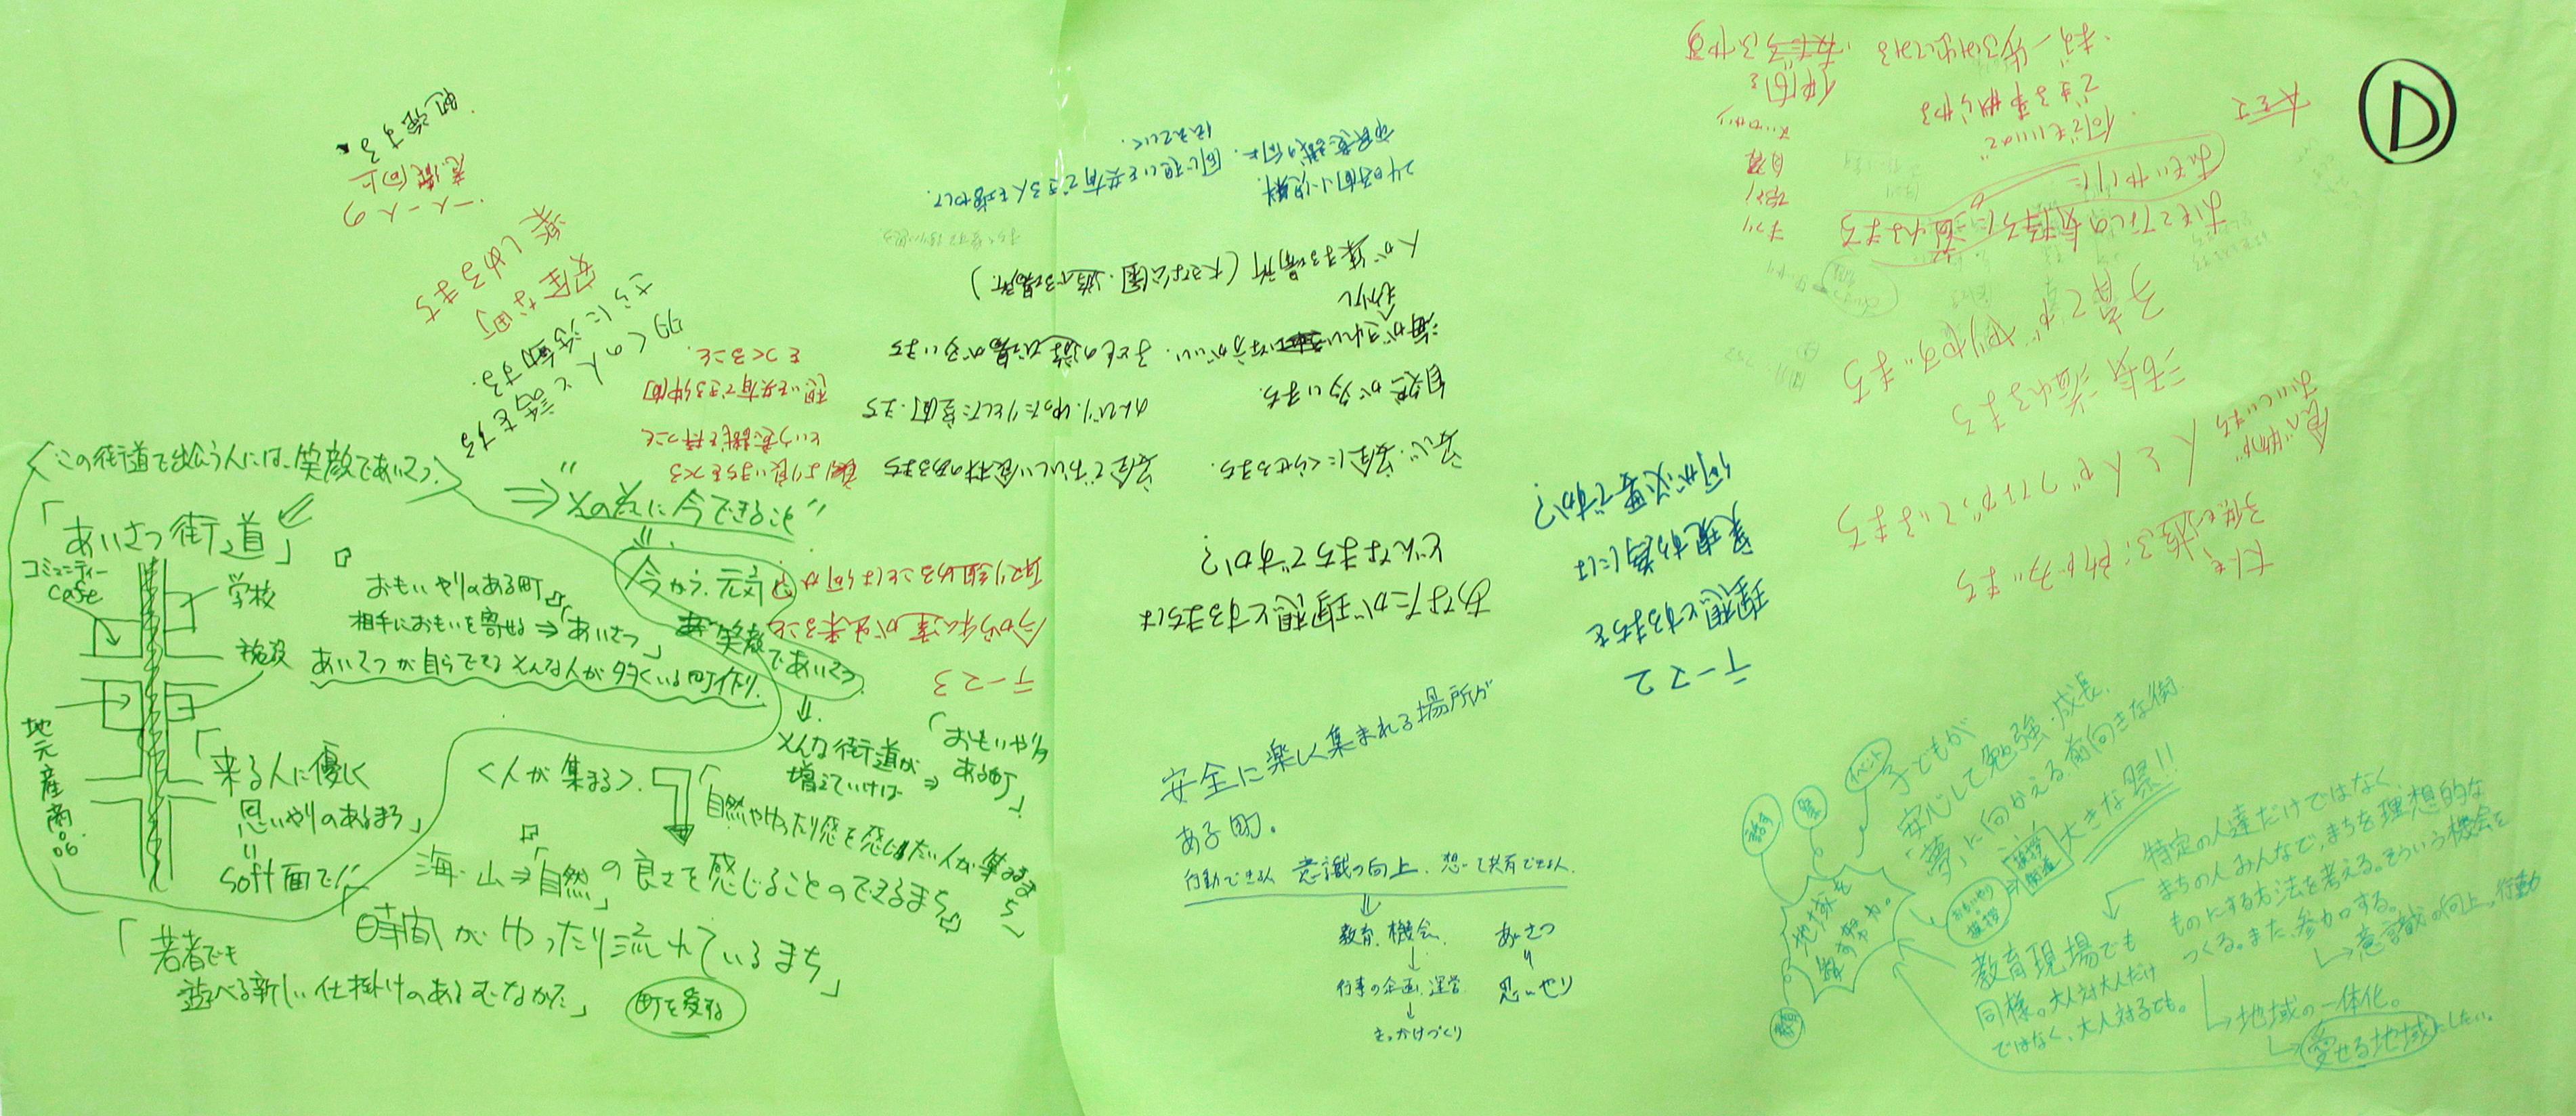 http://www.munakatajc.com/active/2013101715.jpg